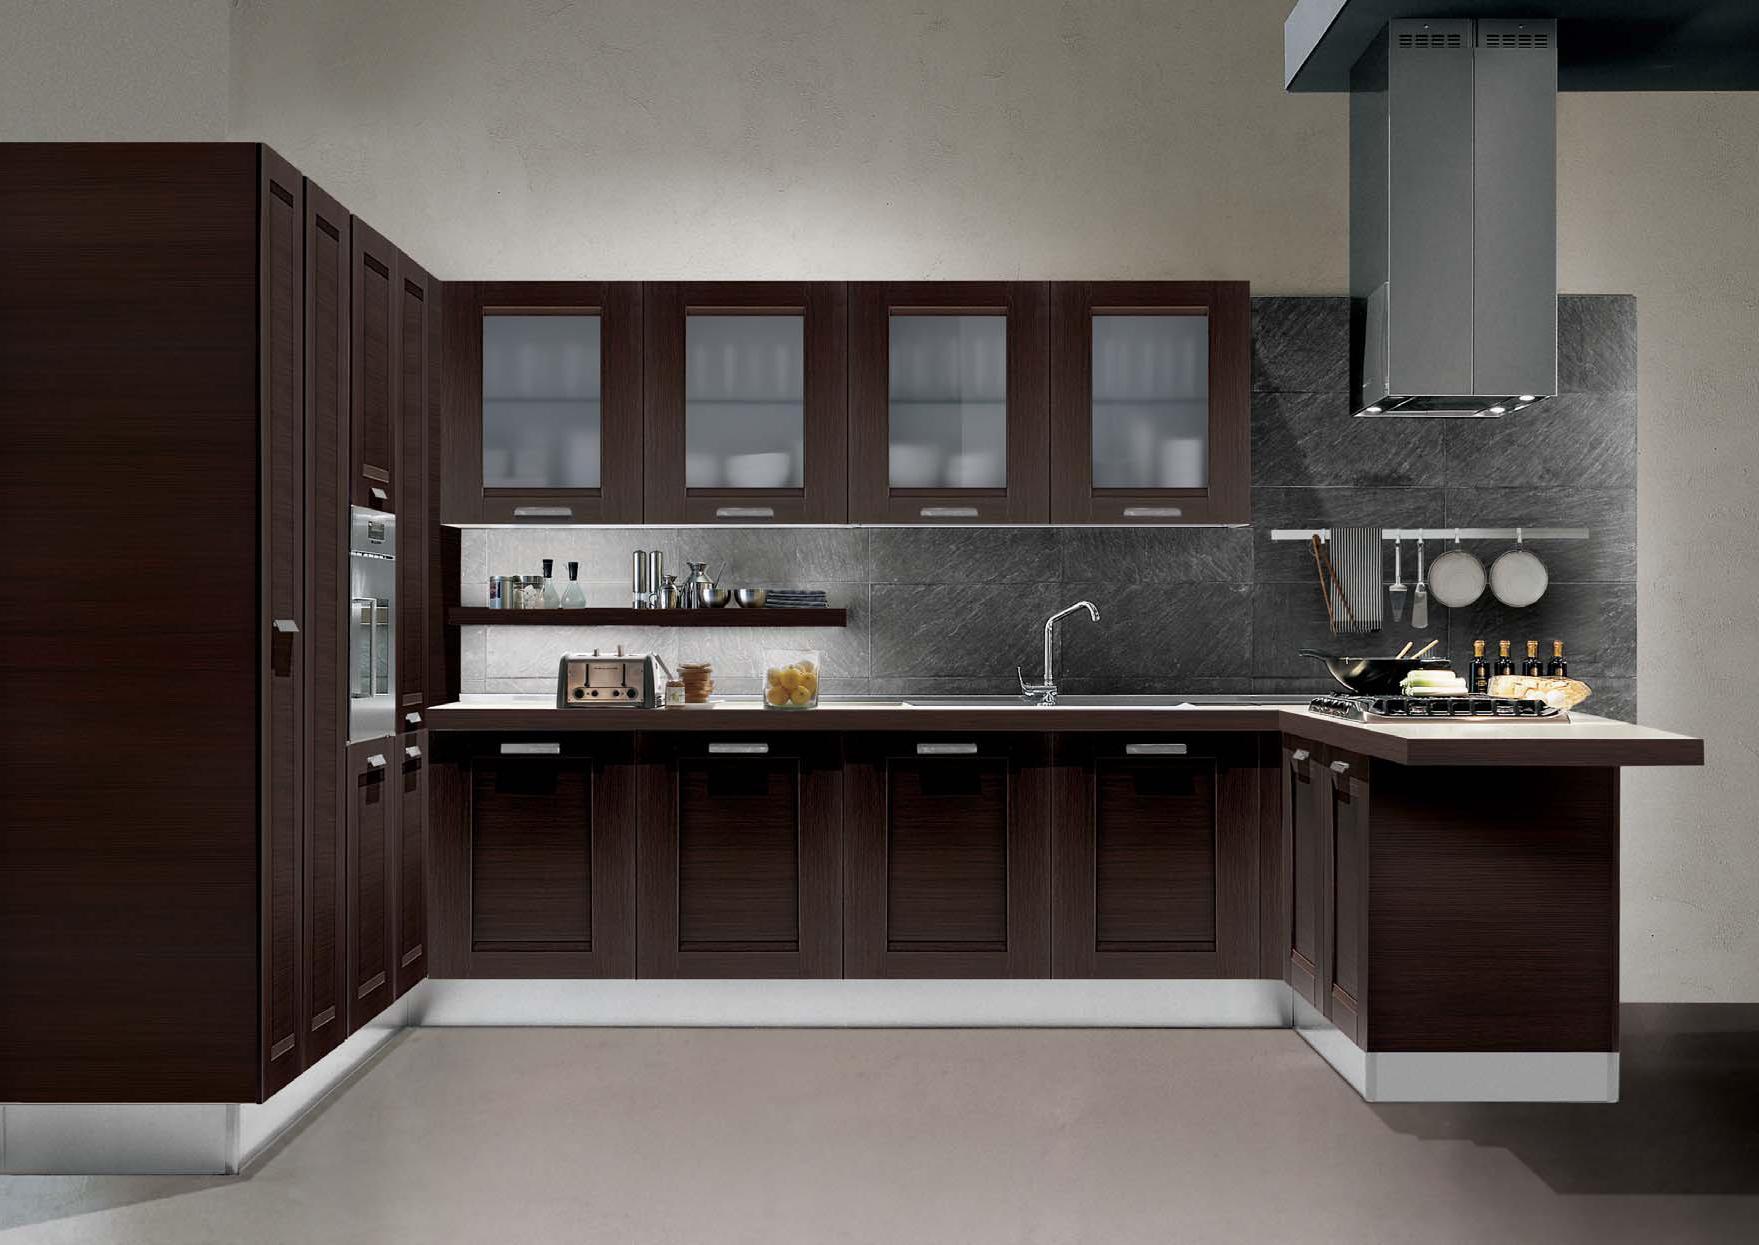 Современный кухонный гарнитур венге в интерьере кухни